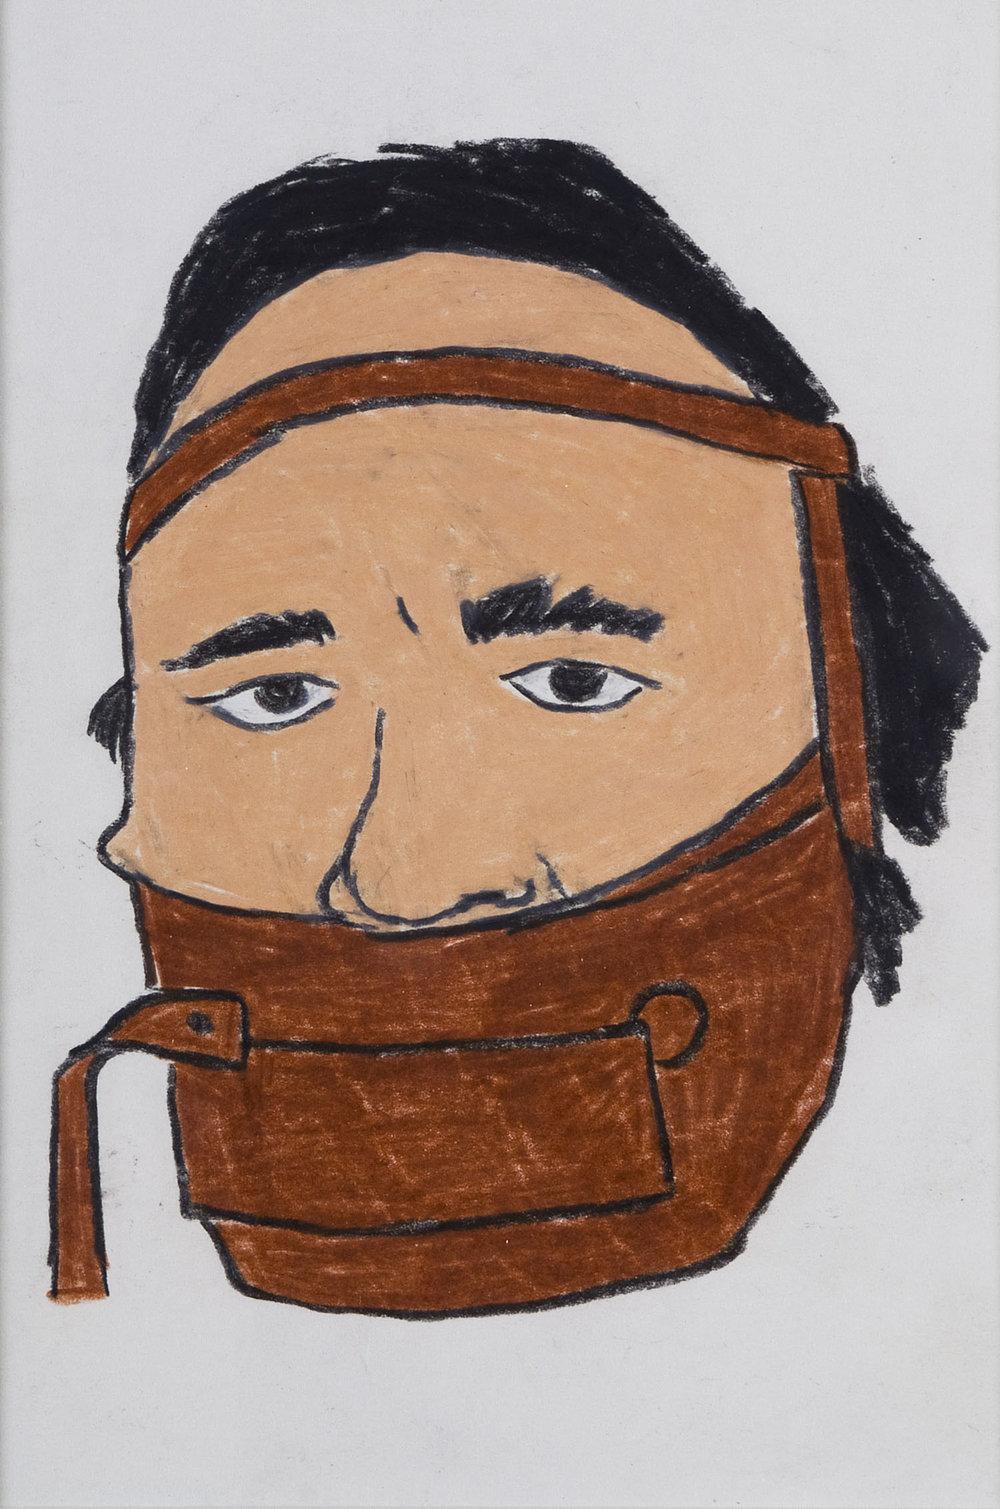 Jimmie Durham | Wachskreide auf Papier | 2006 | 20,5 x 14 cm